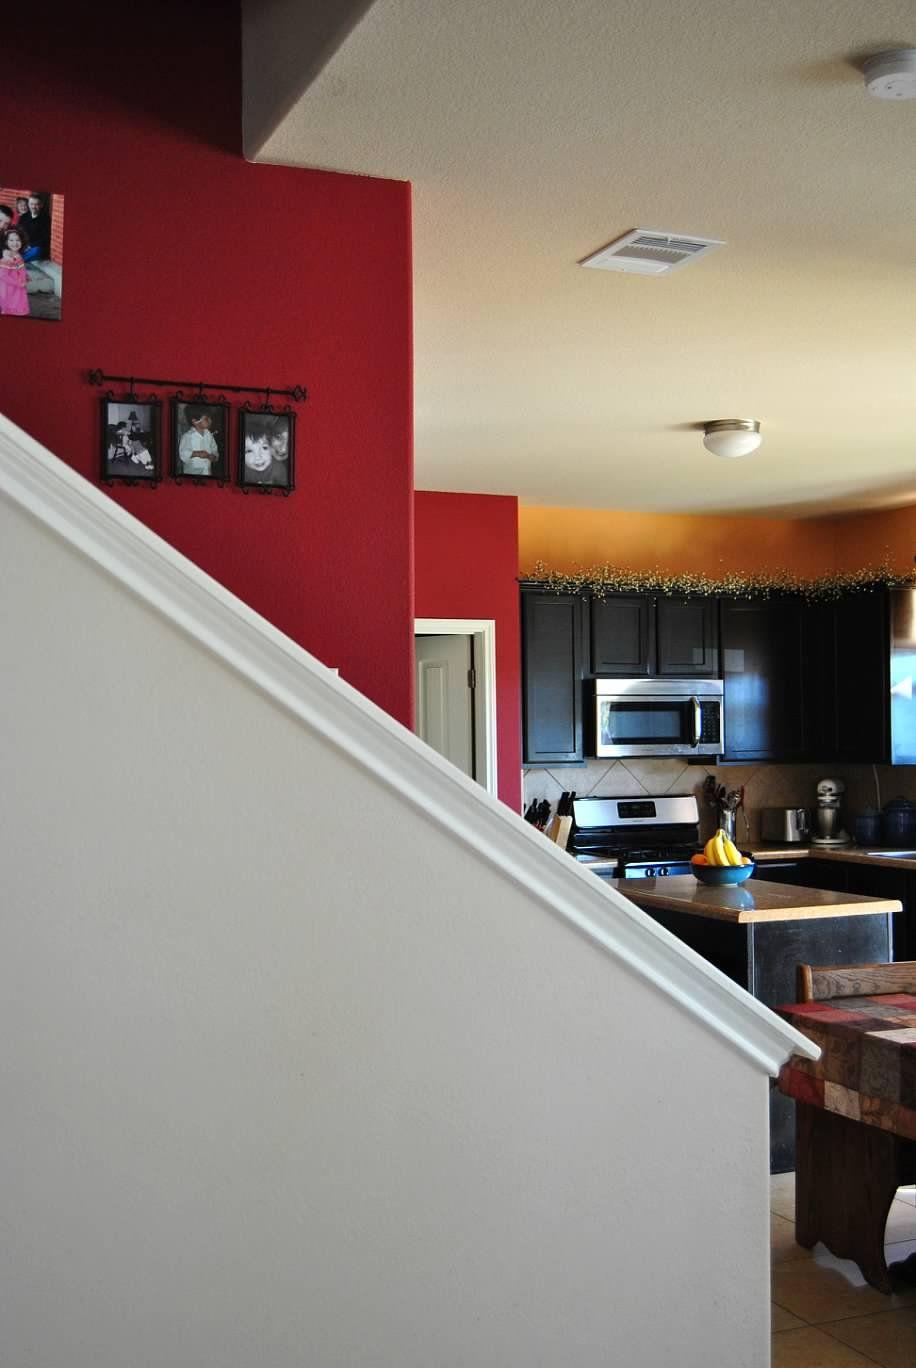 Stairway wall. Stairway walls, Stairways, Home